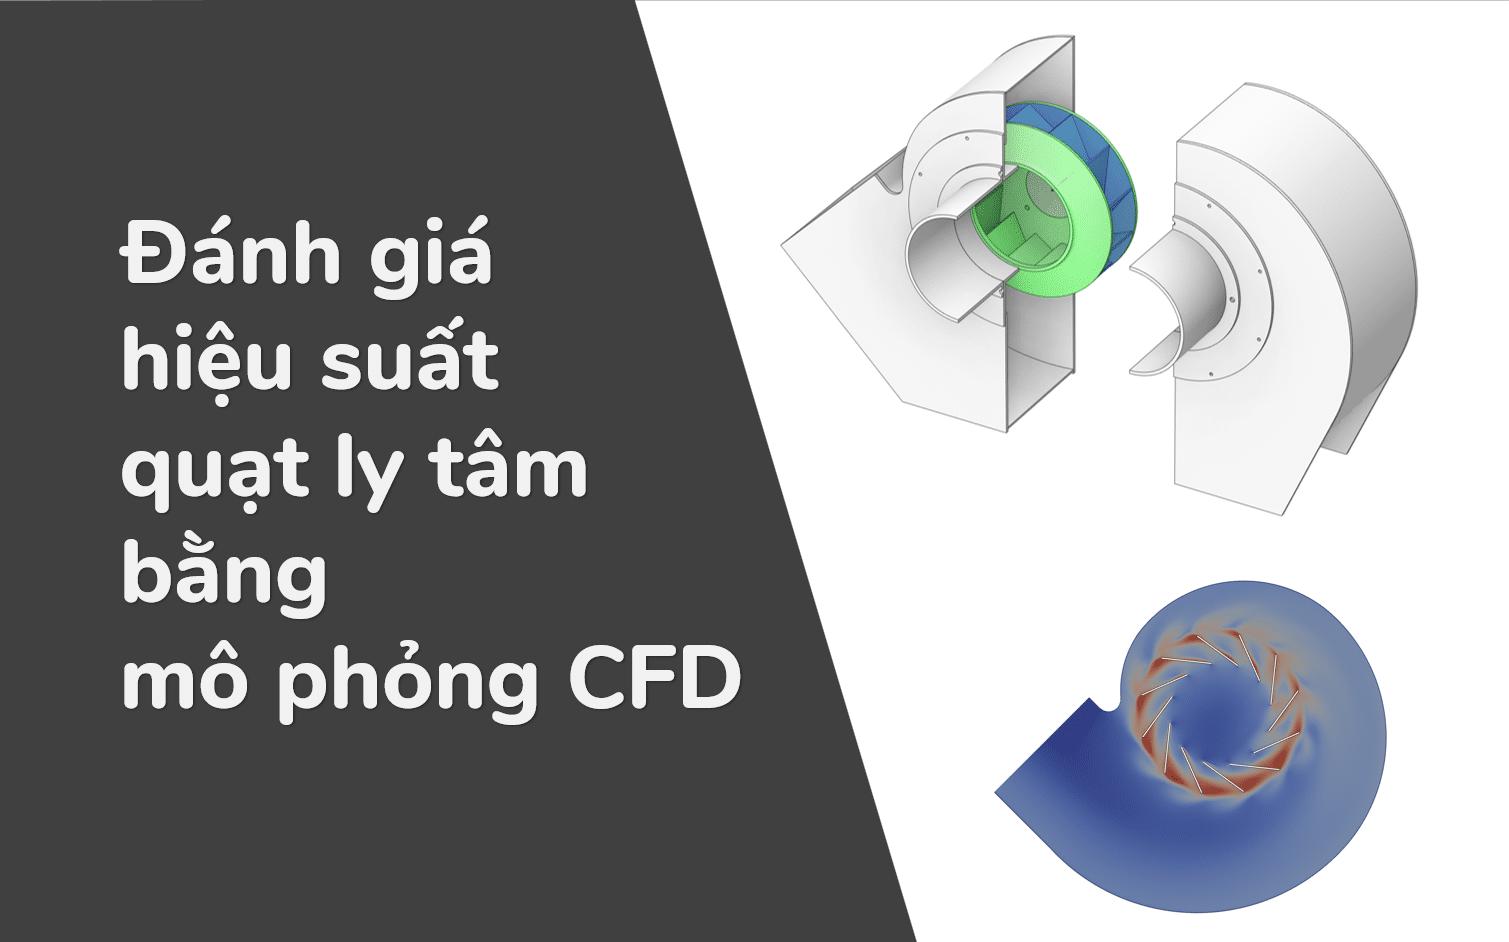 Đánh giá hiệu suất của quạt ly tâm bằng mô phỏng CFD